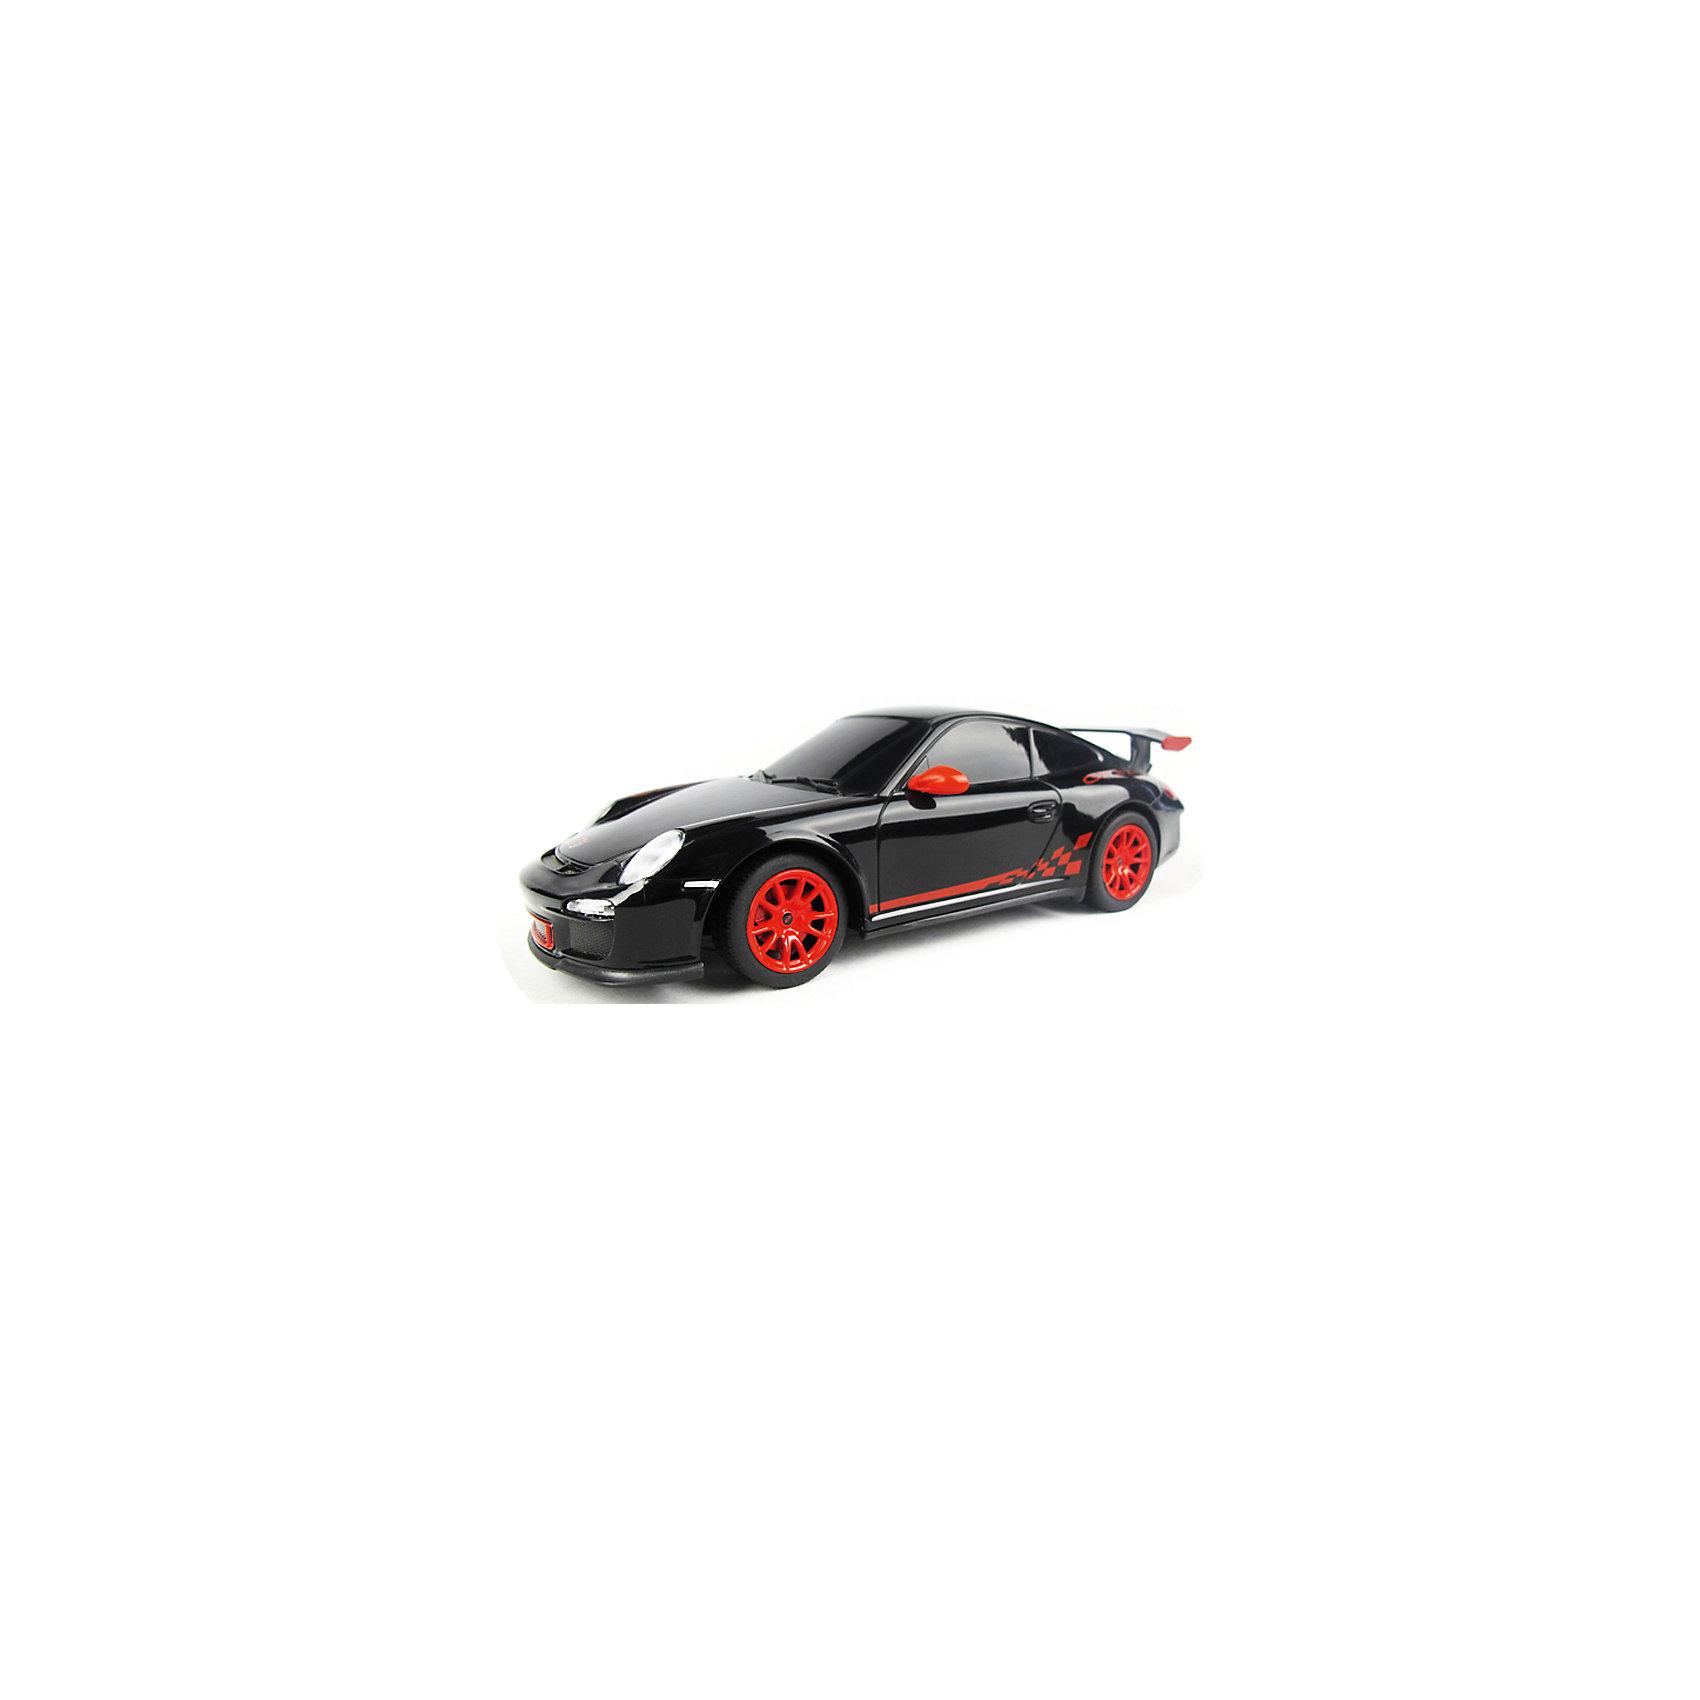 RASTAR Радиоуправляемая машина Porsche GT3 RS 1:24, чернаяМашинки<br>RASTAR Радиоуправляемая машина Porsche GT3 - игрушка, которая наверняка приведет в восторг юного любителя настоящих, взрослых автомобилей: эта радиоуправляемая машина - уменьшенная копия настоящего Порше! <br><br>Модель выполнена в масштабе 1: 24.<br><br>Особенности игрушки:<br><br>- Работает на частоте: 27MHz; <br>- Движение вперед, назад, вправо, влево; <br>- Контроль управления: 15 - 45 метров; <br>- Развивает скорость до: 7 км/ч; <br>- Светятся фары. <br><br><br>Дополнительная информация:<br><br><br><br>- Для работы требуются батарейки: 5 Х АА (не входят в комплект).<br>- Материалы: пластмасса, металл.<br>- Размер: 18 см.<br>- Размер упаковки: 38,5х12х10 см.<br>- Вес: 480 г.<br><br>Ширина мм: 100<br>Глубина мм: 385<br>Высота мм: 120<br>Вес г: 480<br>Возраст от месяцев: 72<br>Возраст до месяцев: 144<br>Пол: Мужской<br>Возраст: Детский<br>SKU: 4833569